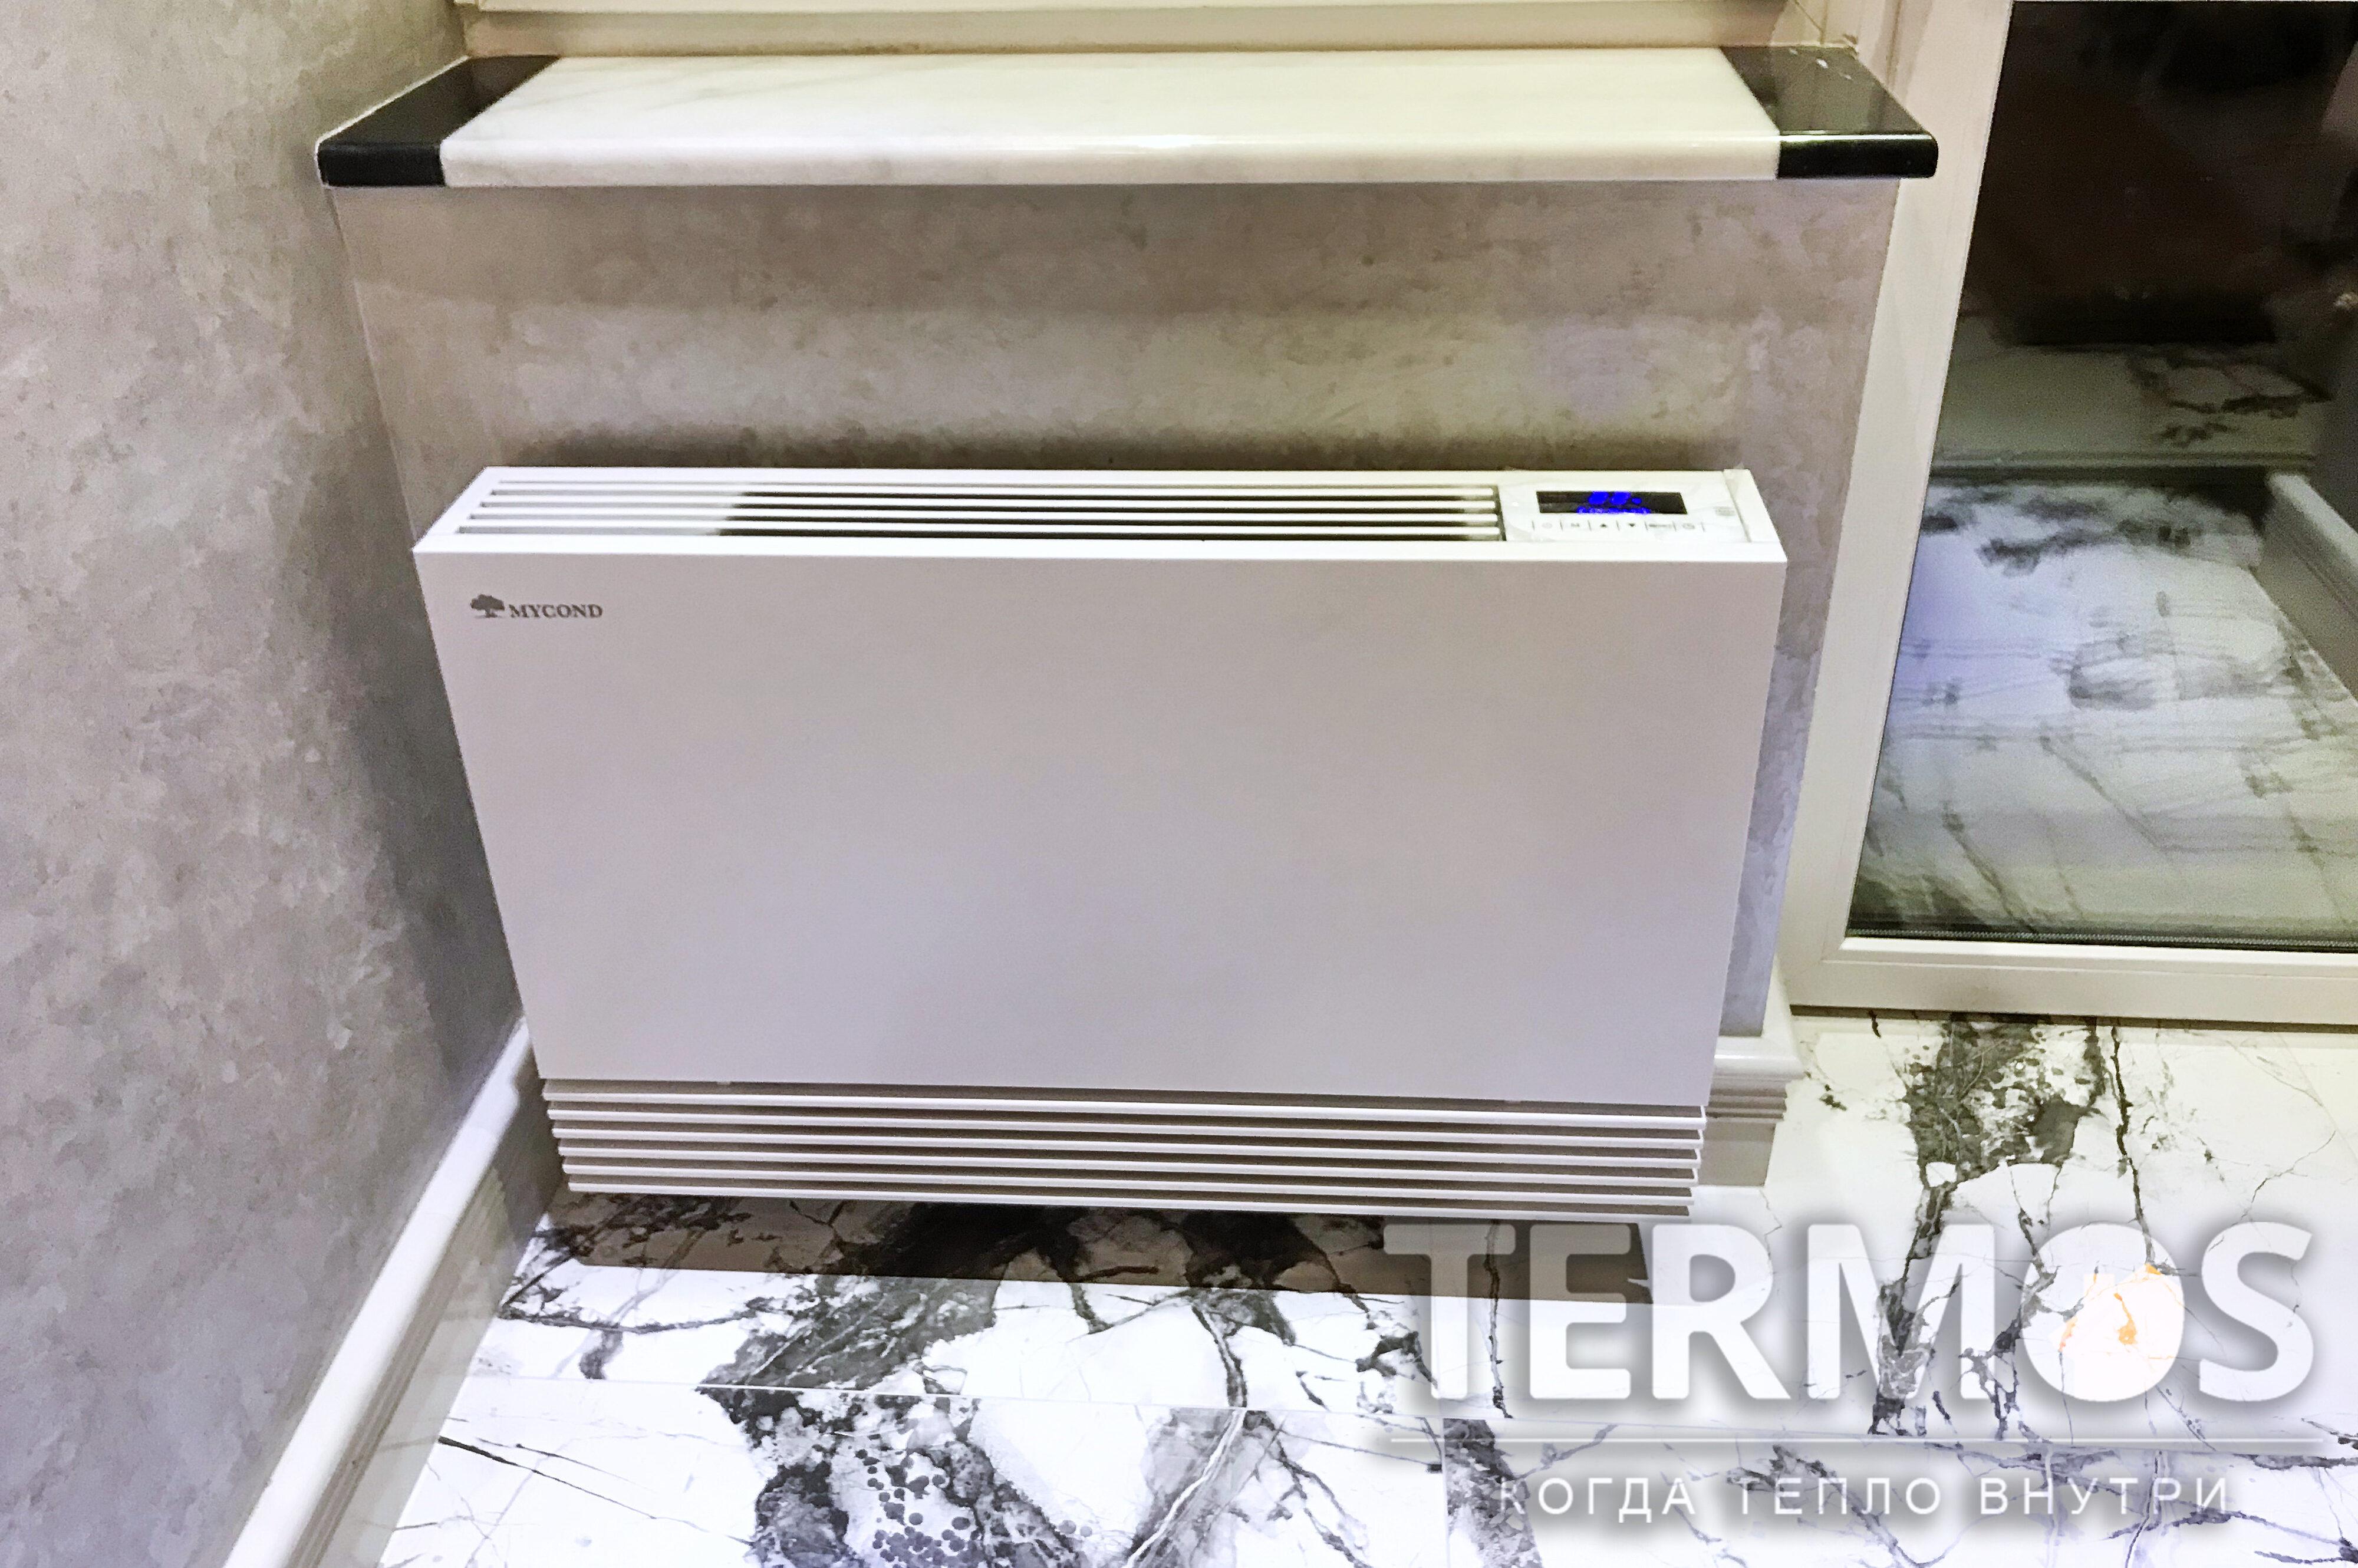 В режиме охлаждения в фанкойле возможно образование конденсата, поэтому прибор оснащается системой отвода конденсата